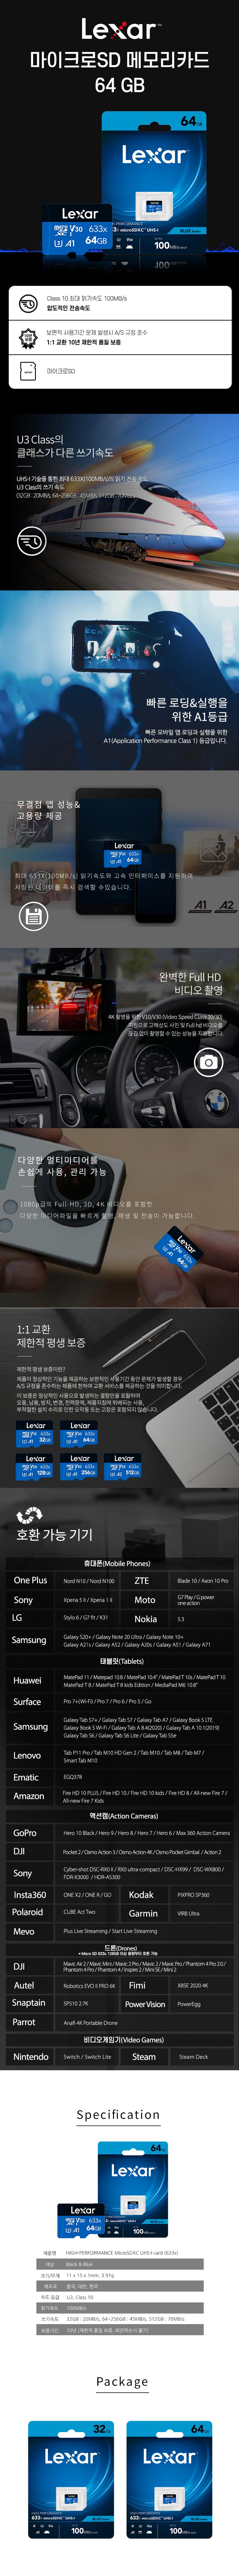 렉사 공식판매원 microSD카드 633배속 UHS-Ⅰ급 64GB10,500원-렉사디지털, USB/저장장치, SD/Micro SD/메모리카드, Micro SD카드바보사랑렉사 공식판매원 microSD카드 633배속 UHS-Ⅰ급 64GB10,500원-렉사디지털, USB/저장장치, SD/Micro SD/메모리카드, Micro SD카드바보사랑